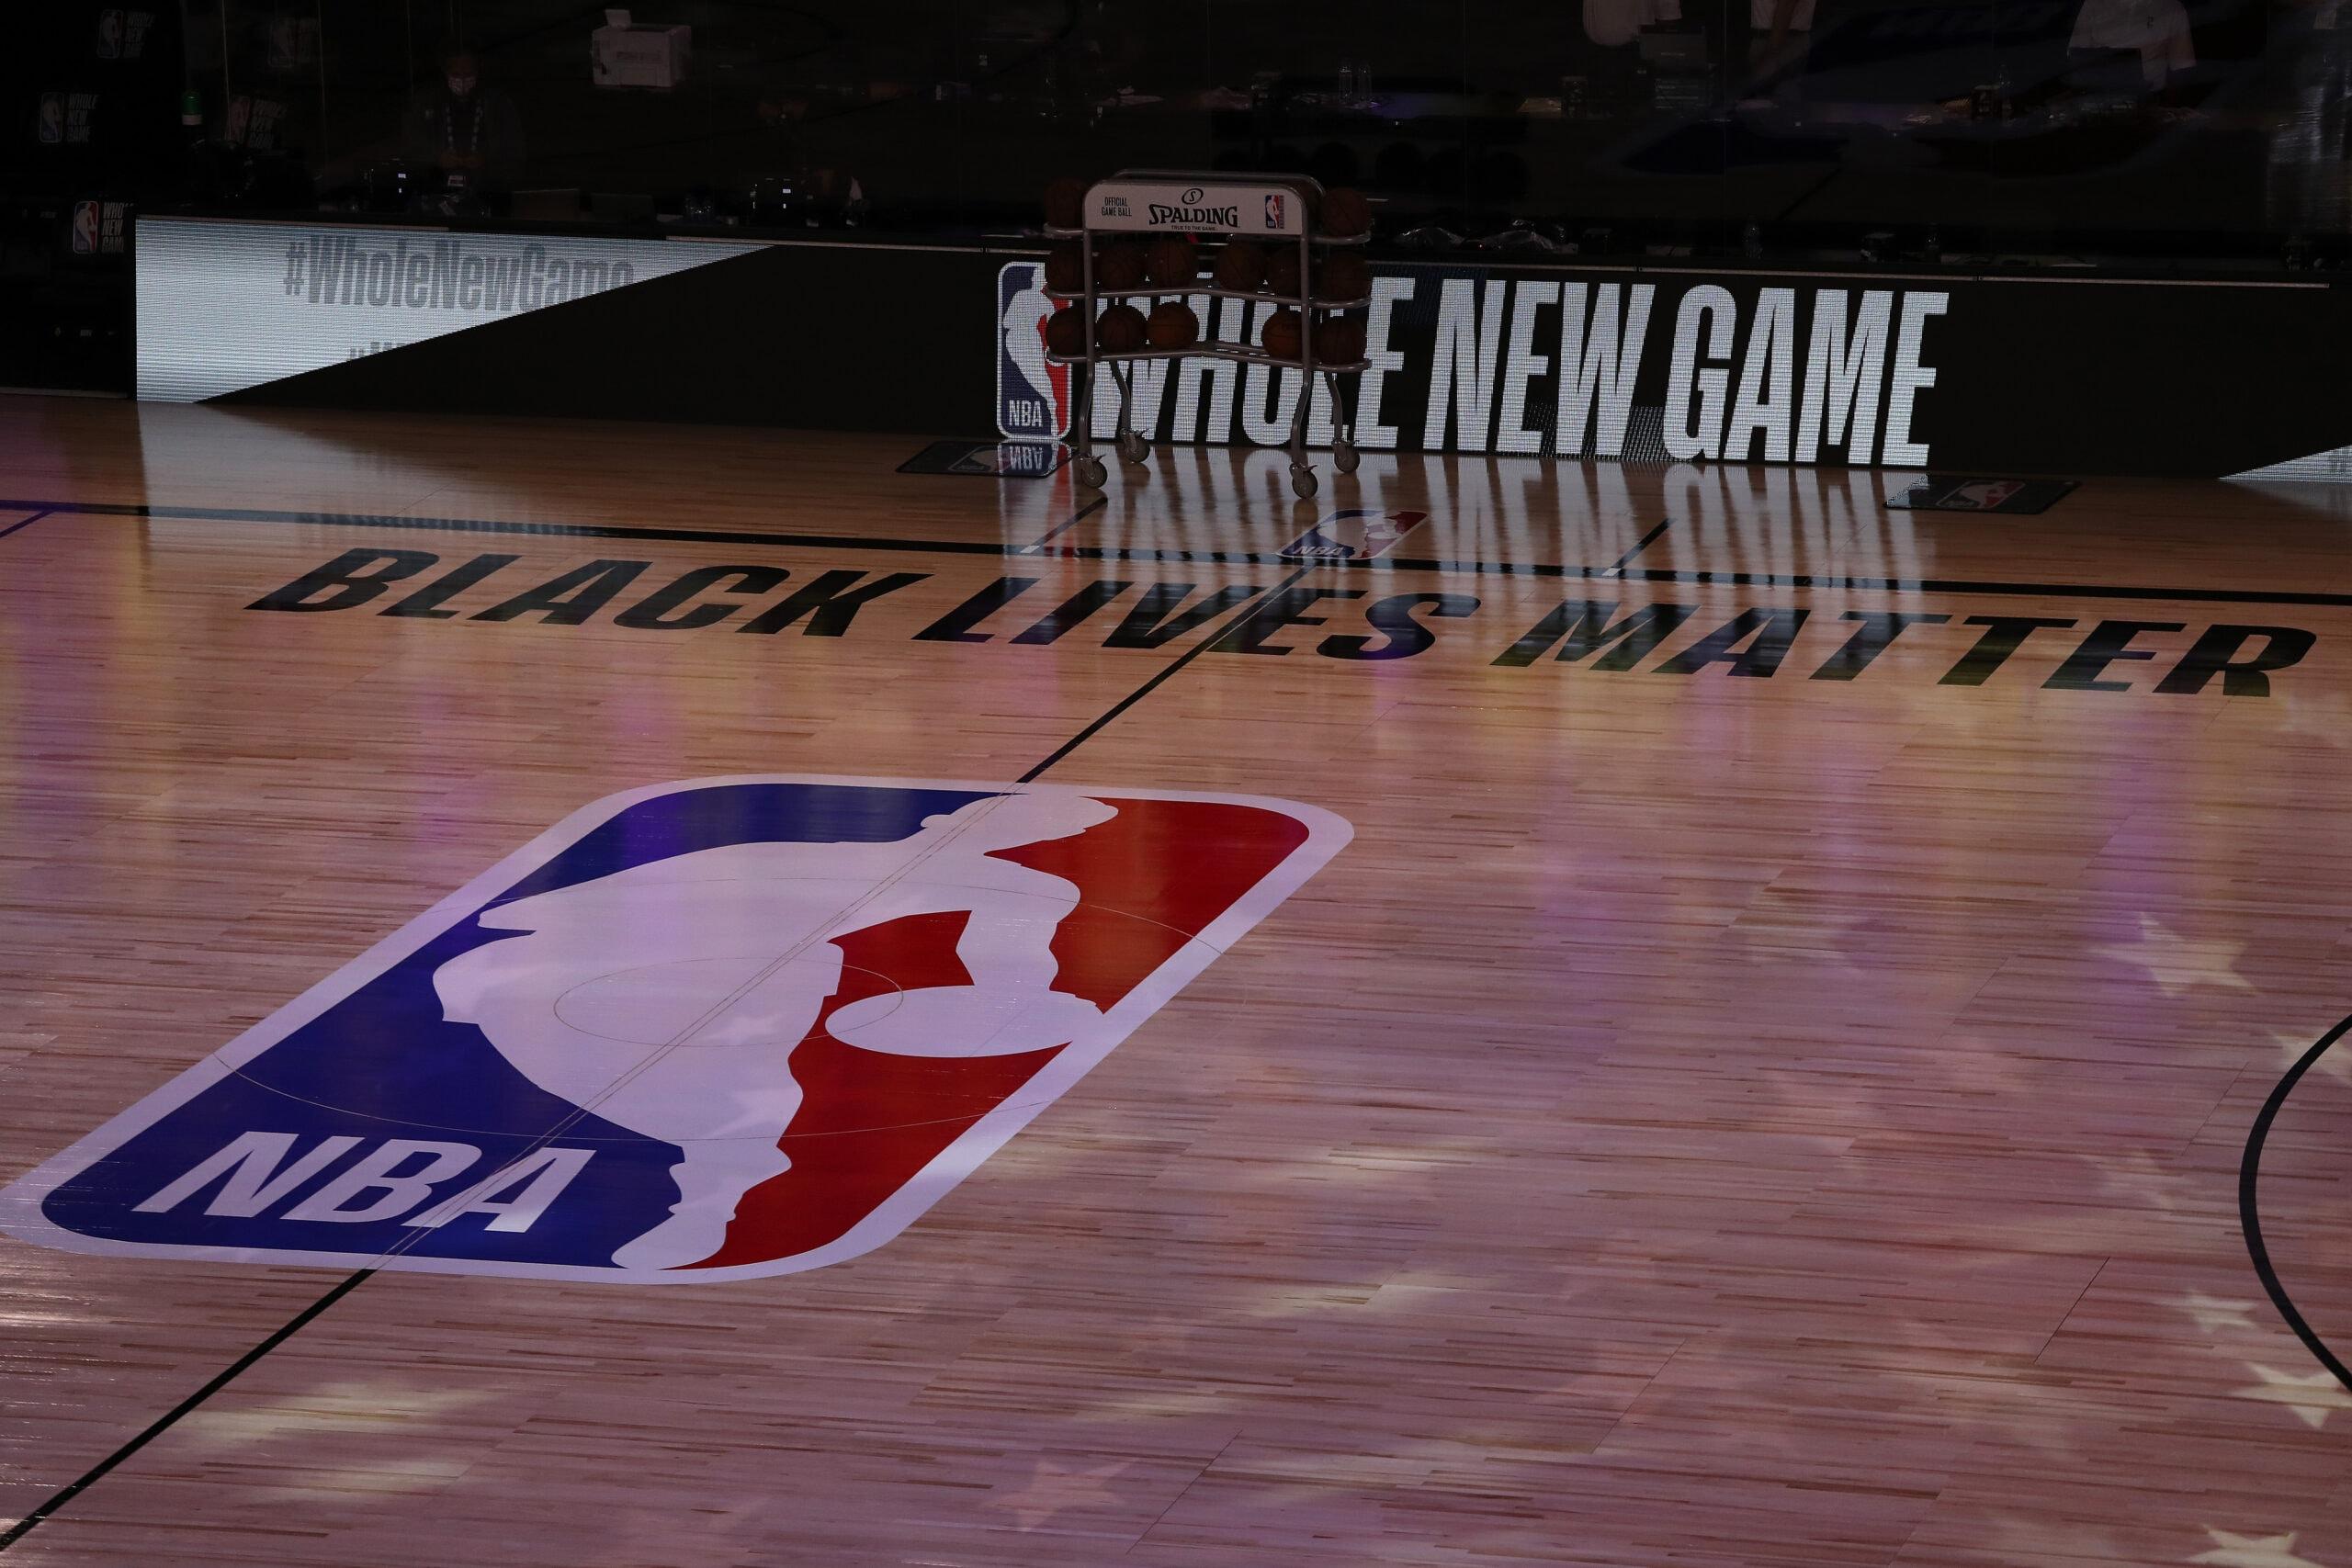 NBA, NBPA establish the National Basketball Social Justice Coalition